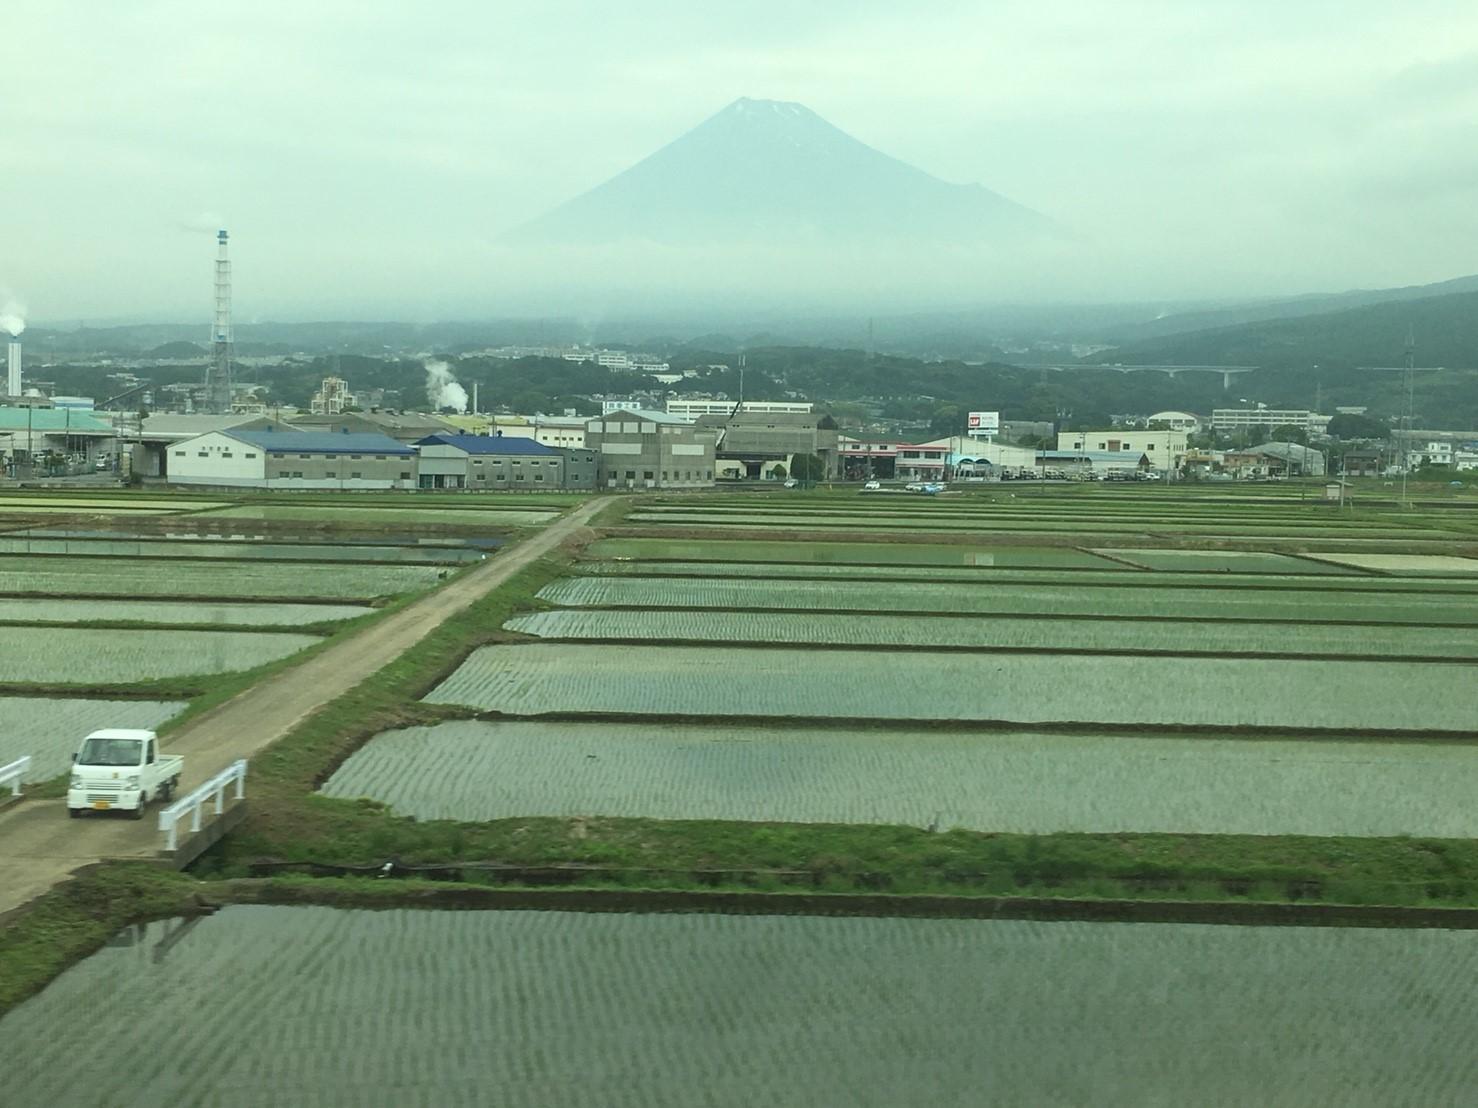 富士山ビューシリーズ 2018/5/29 今朝の新幹線からの富士山_b0011584_10032937.jpg